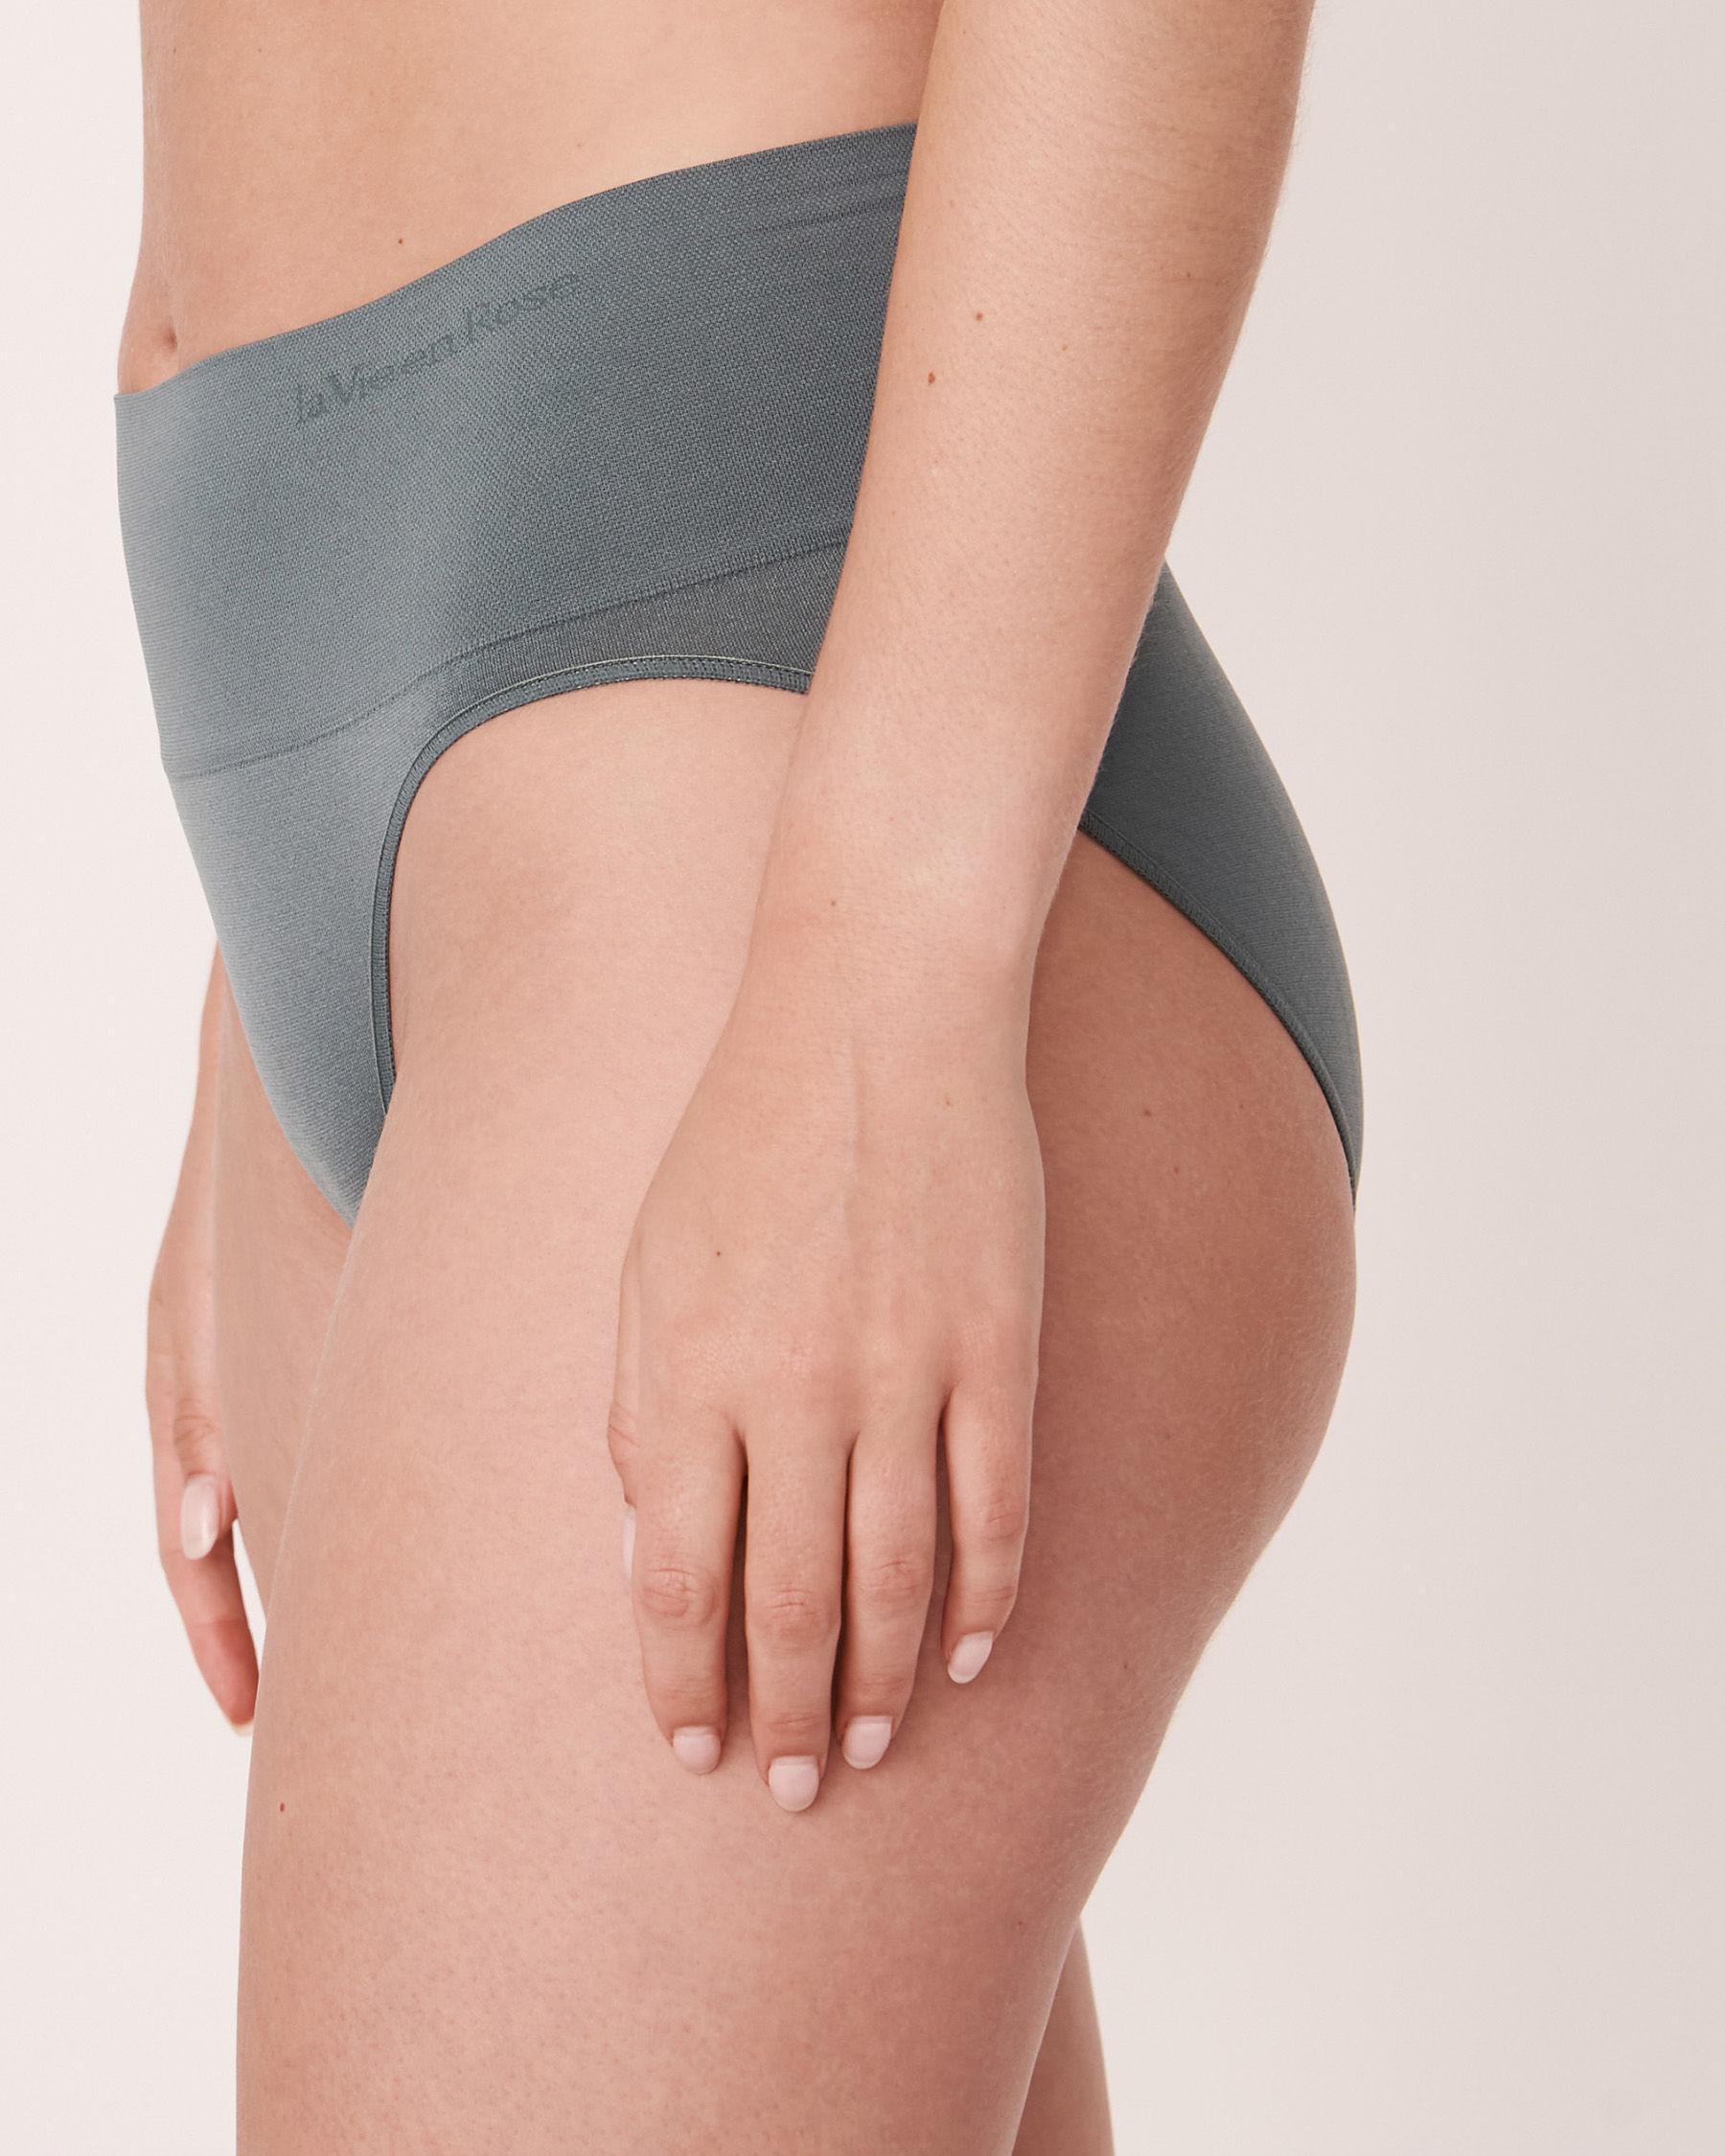 LA VIE EN ROSE Seamless High Waist Bikini Panty Green 20200038 - View1